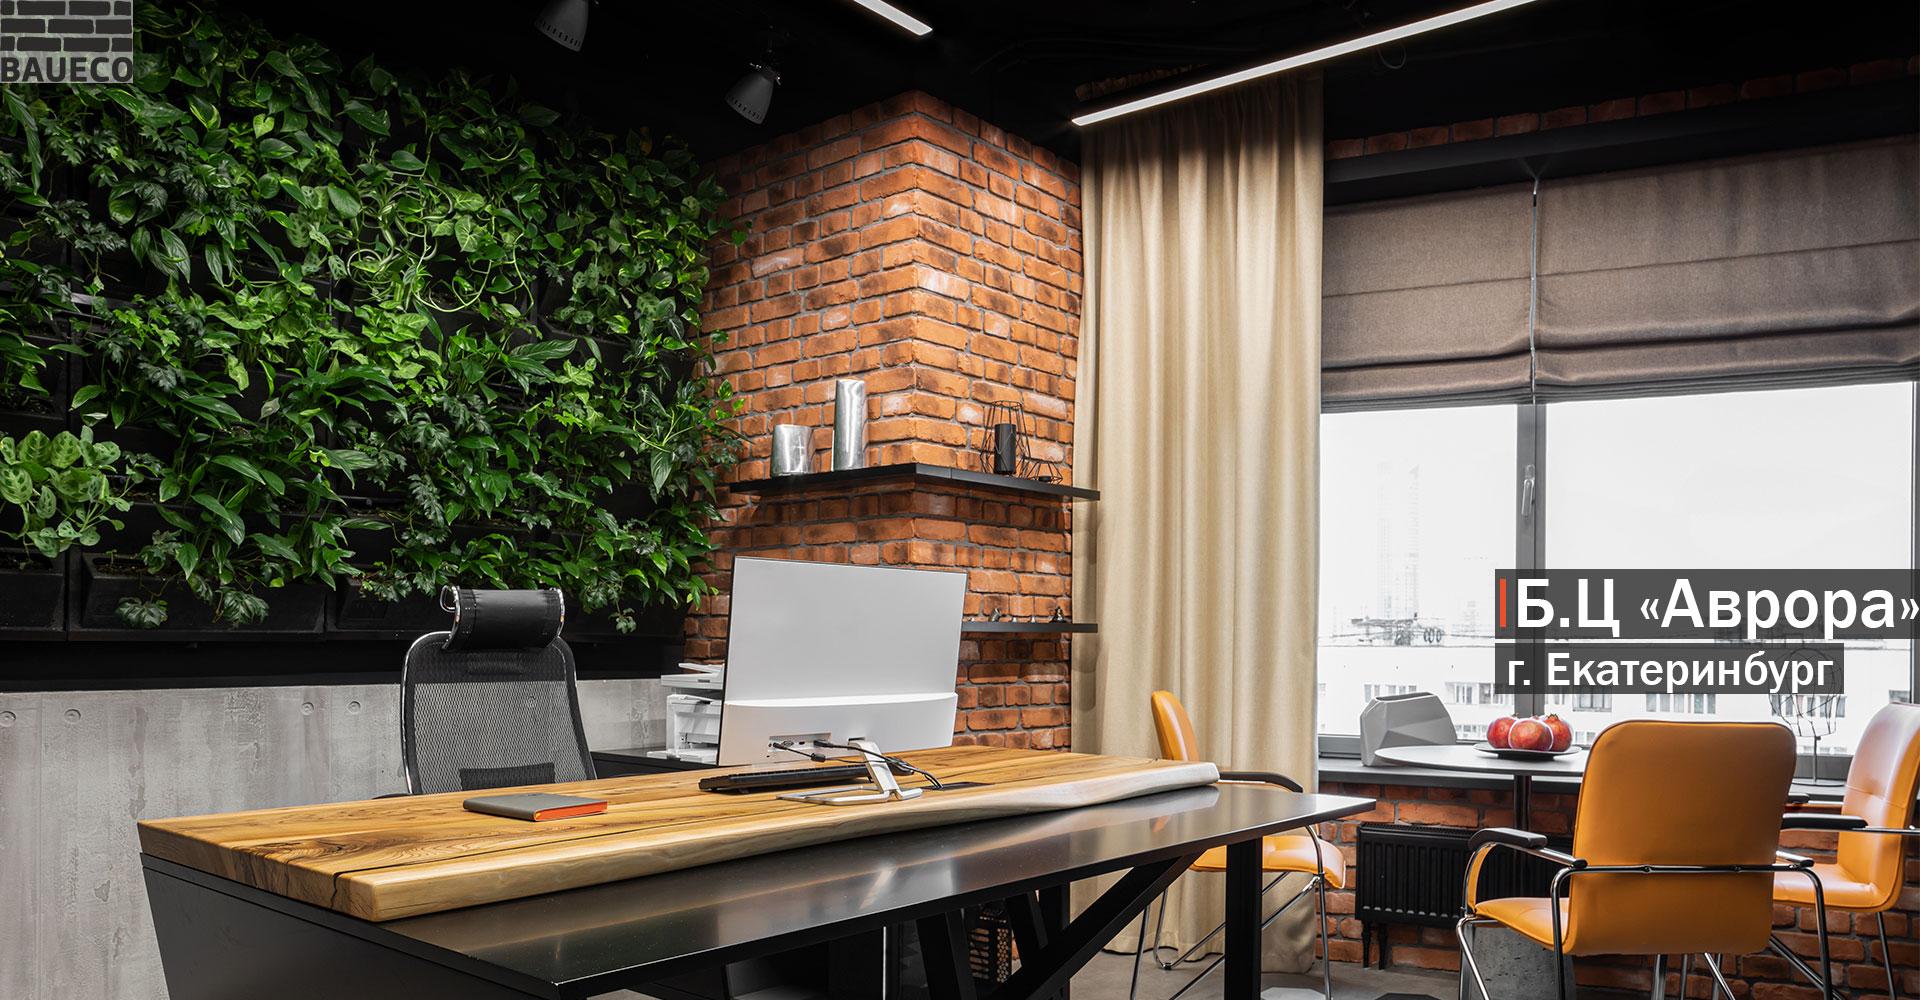 Декоративный кирпич терракотовый в интерьере офиса